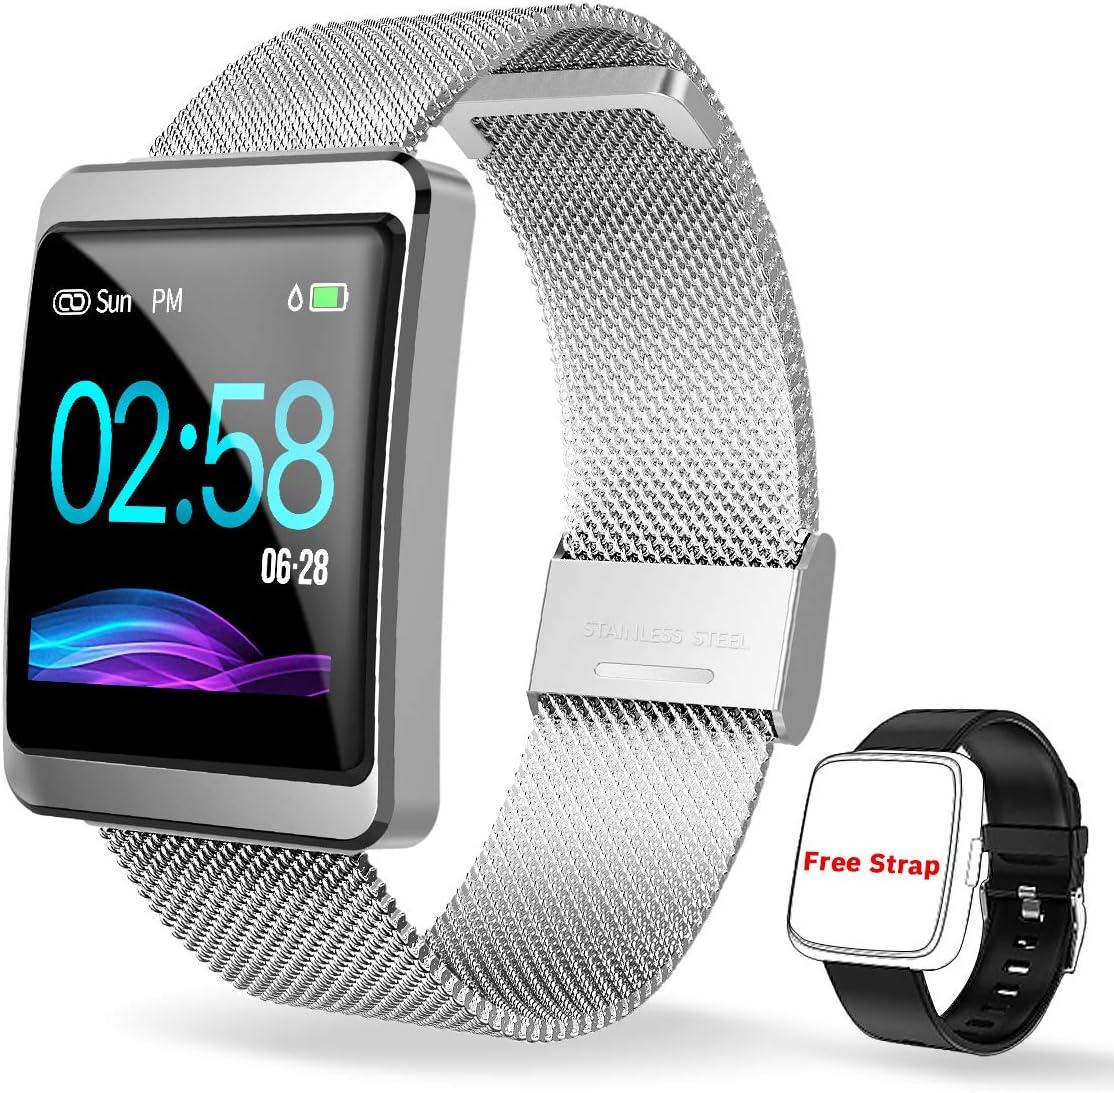 CanMixs Pulsera de Actividad Smartwatch, CM11 Impermeable IP68 Pulsera Inteligente con Podómetro, Monitor de Ritmo, Calorías, Sueño Notificación etc para Hombre Mujer Niños Compatible con iOS Android